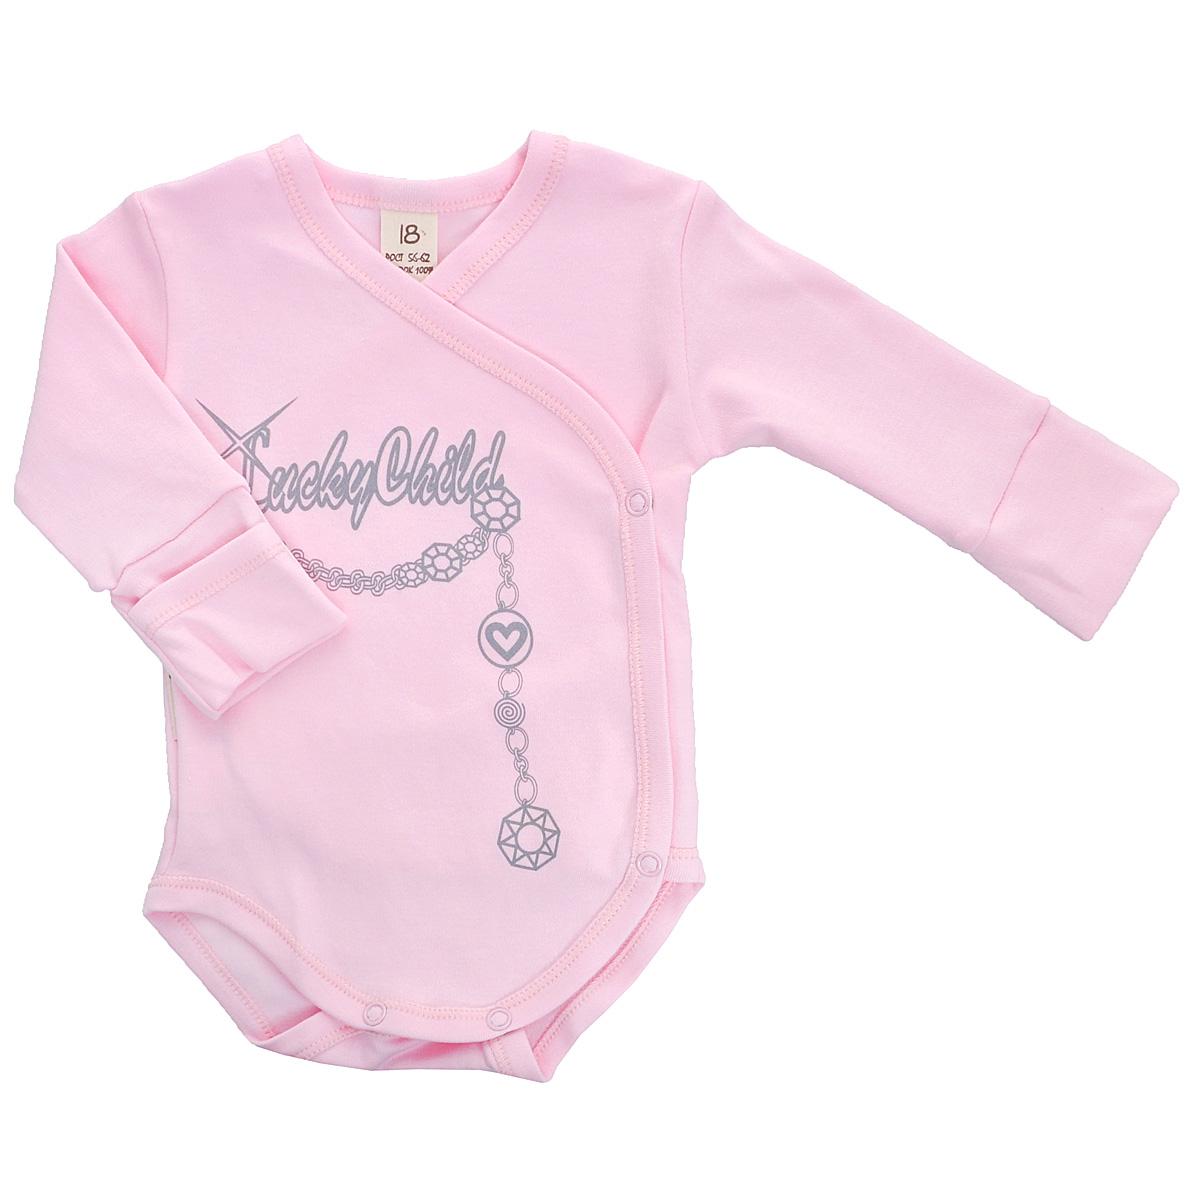 Боди для девочки Lucky Child, цвет: розовый. 2-5. Размер 56/622-5Детское боди для девочки Lucky Child послужит идеальным дополнением к гардеробу малышки, обеспечивая ей наибольший комфорт. Боди с длинными рукавами изготовлено из натурального хлопка, благодаря чему оно необычайно мягкое и легкое, не раздражает нежную кожу ребенка и хорошо вентилируется, а эластичные швы приятны телу малышки и не препятствуют ее движениям. Удобные застежки-кнопки по левому боку и на ластовице помогают легко переодеть младенца и сменить подгузник. Рукава дополнены широкими трикотажными манжетами, не сжимающими запястья малышки. Боди спереди оформлено оригинальным принтом.Боди полностью соответствует особенностям жизни ребенка в ранний период, не стесняя и не ограничивая его в движениях. В нем ваша малышка всегда будет в центре внимания.